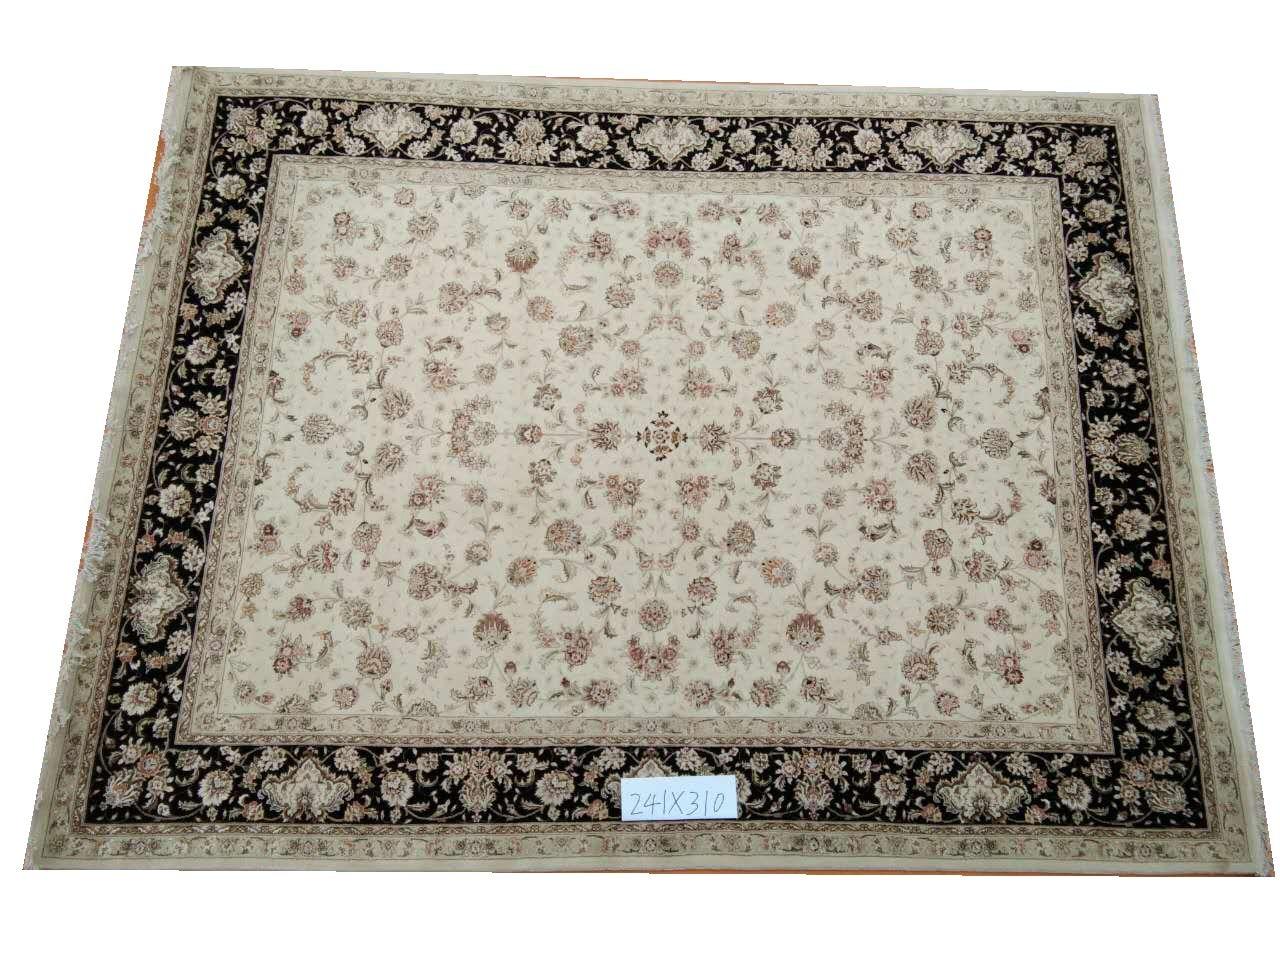 Tapis orientaux persan laine nouée à la main et soie tapis oriental persan fait à la main 7 8X10gc157peryg9 tapis de soie persan